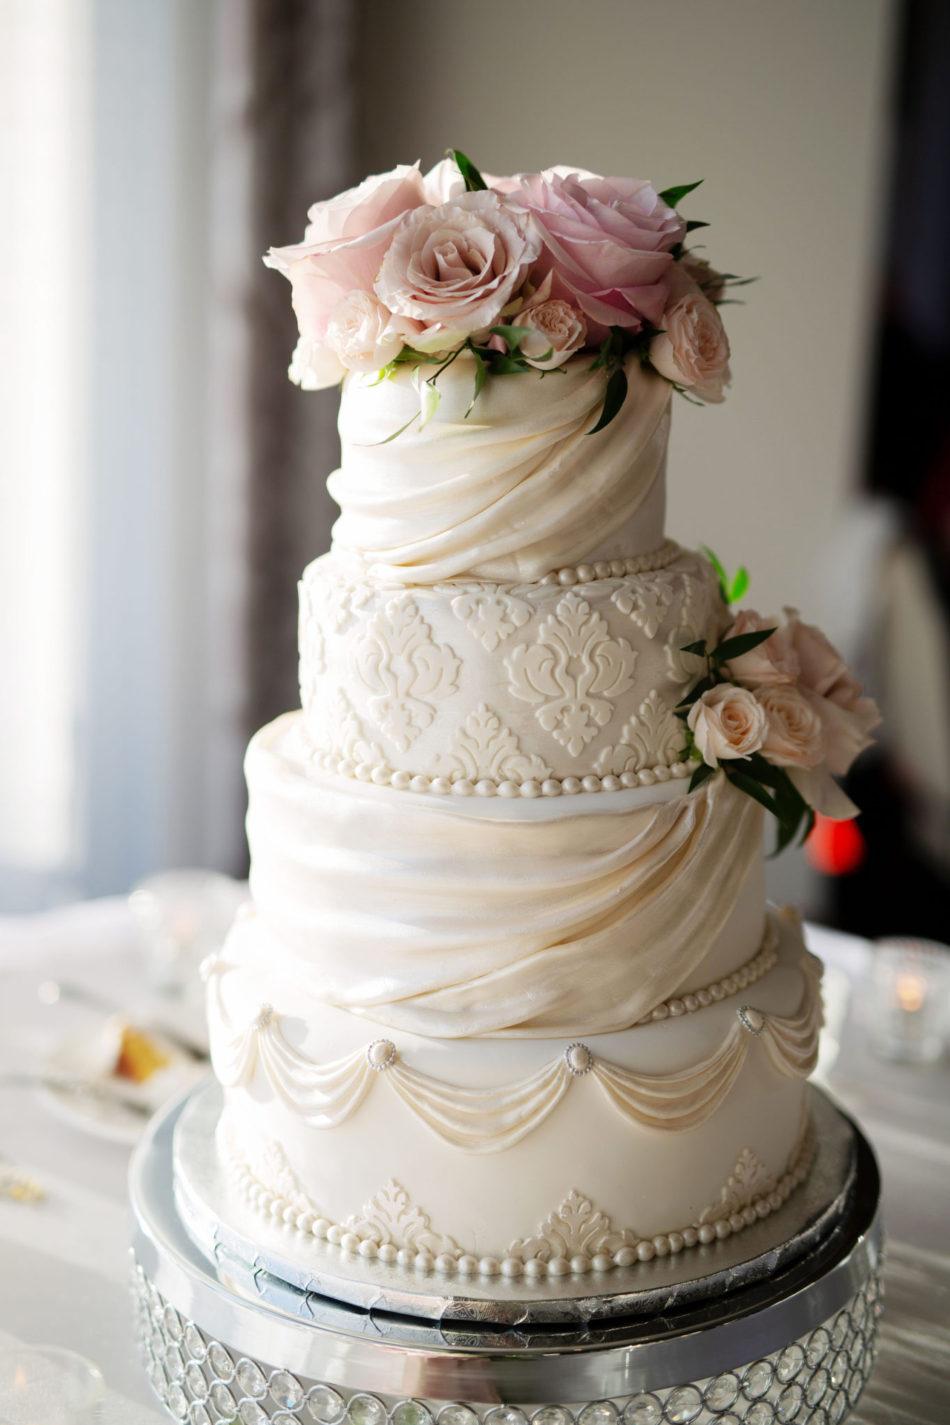 white wedding cake, wedding cake, floral cake decor, floral design, florist, wedding florist, wedding flowers, orange county weddings, orange county wedding florist, orange county florist, orange county floral design, flowers by cina